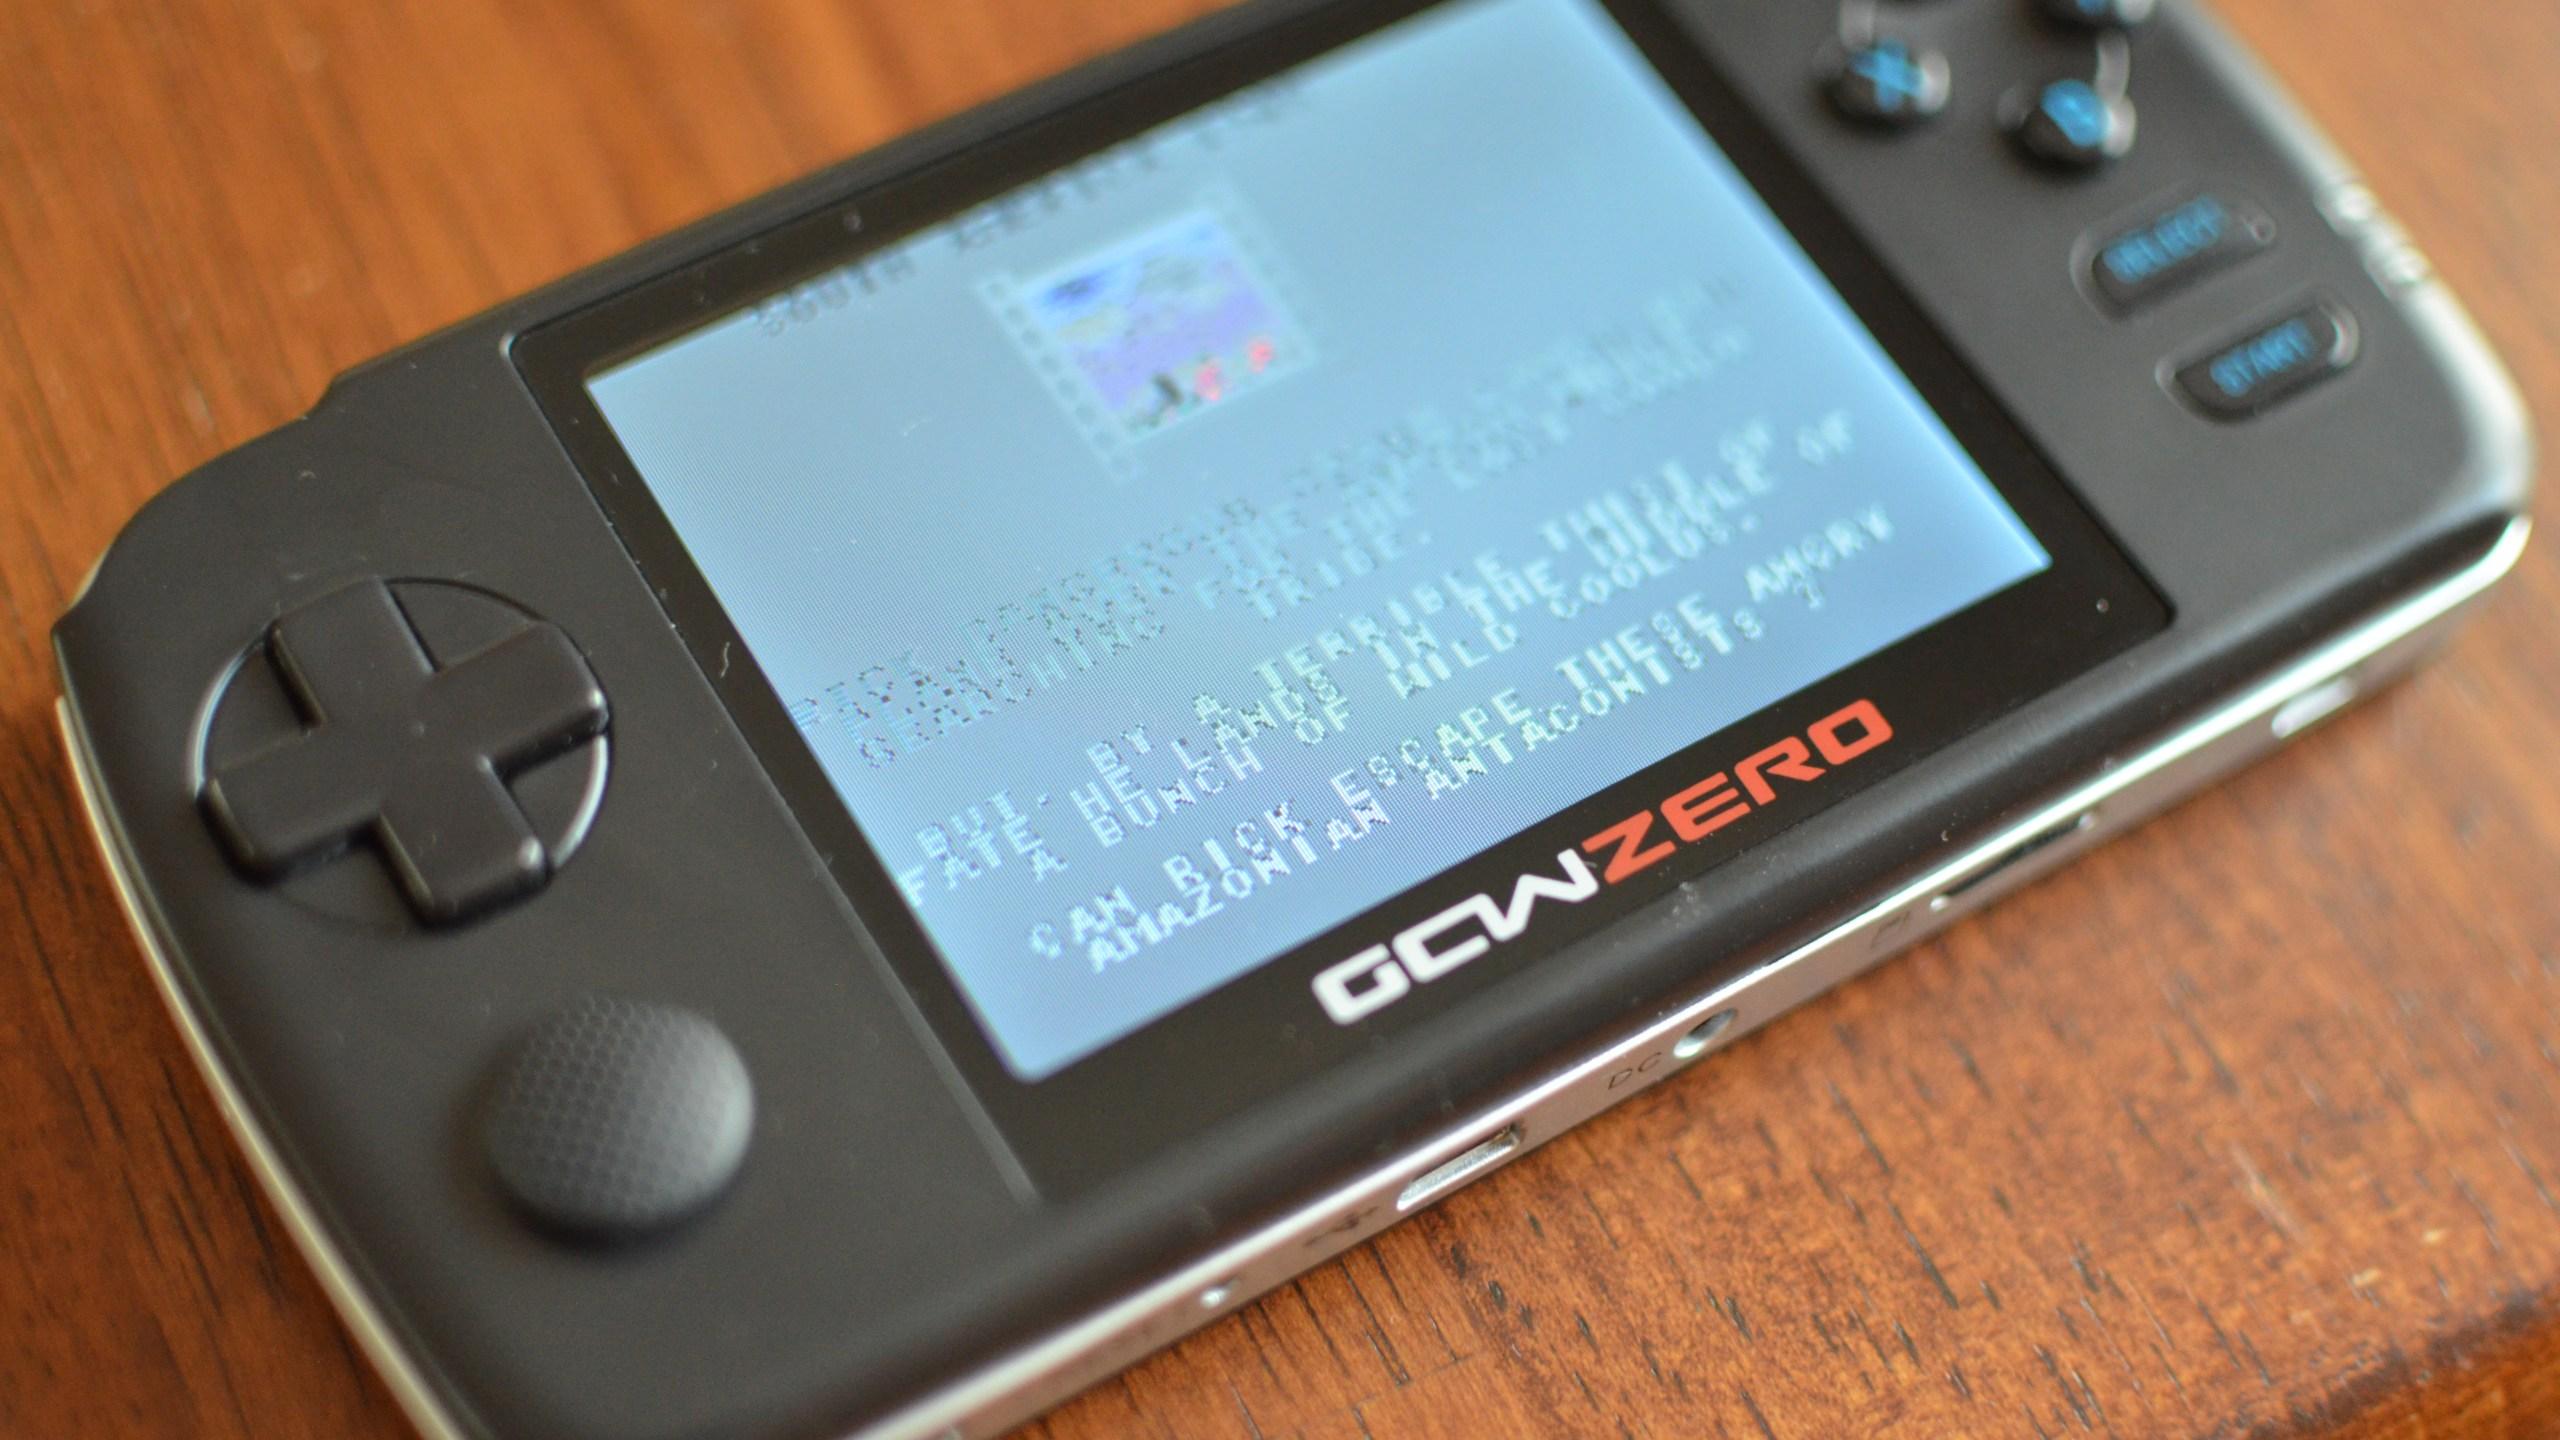 GCW-ZERO Open Source Portable Gaming Console